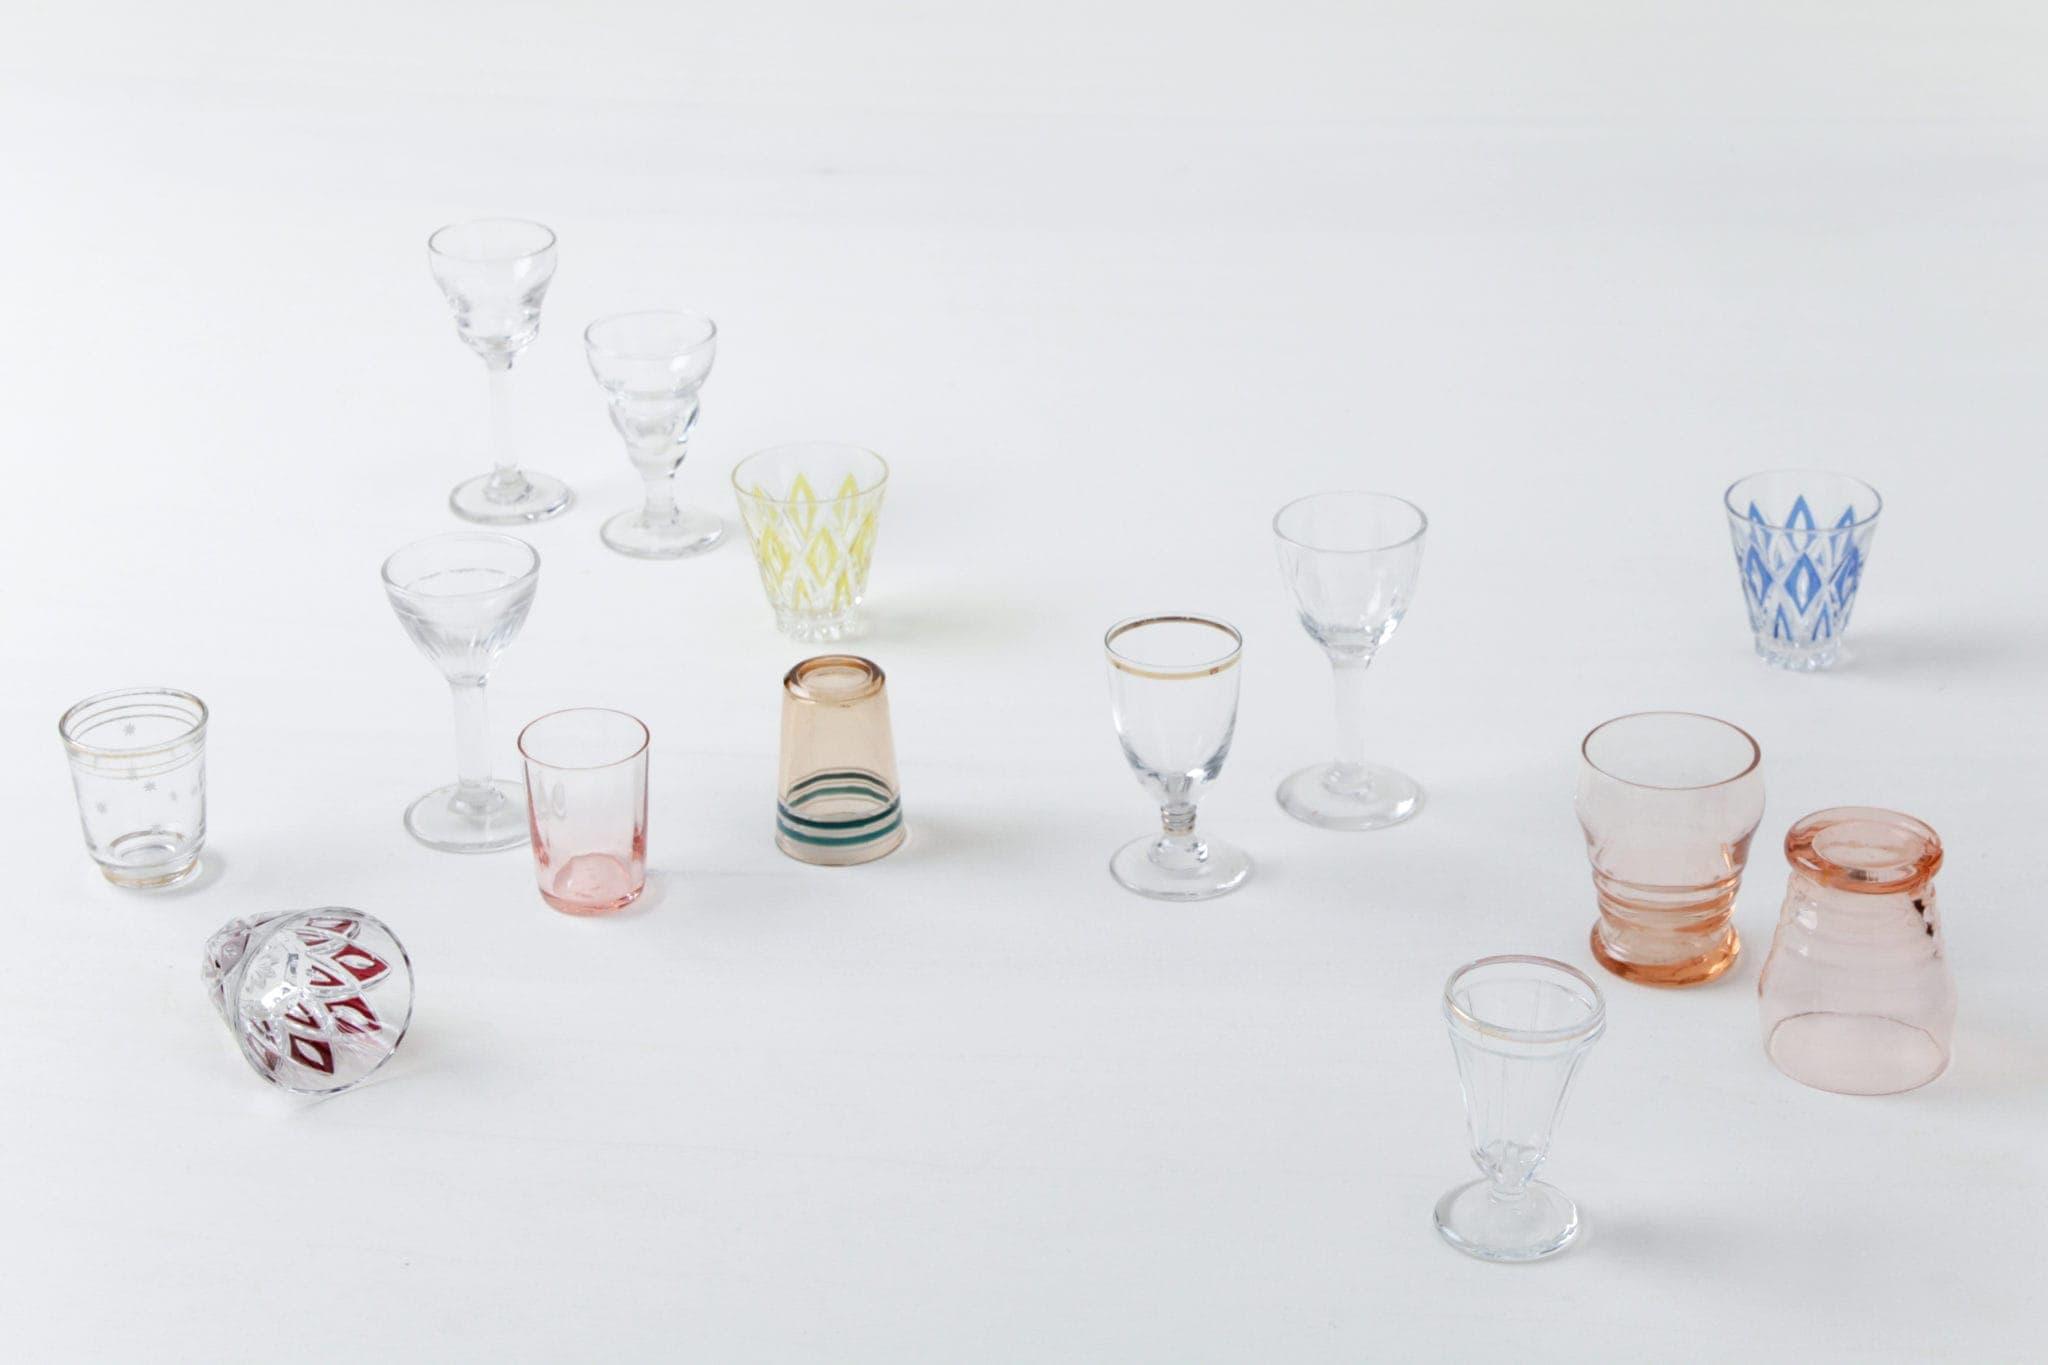 Vintage Gläser mieten, Berlin, Hamburg, Köln